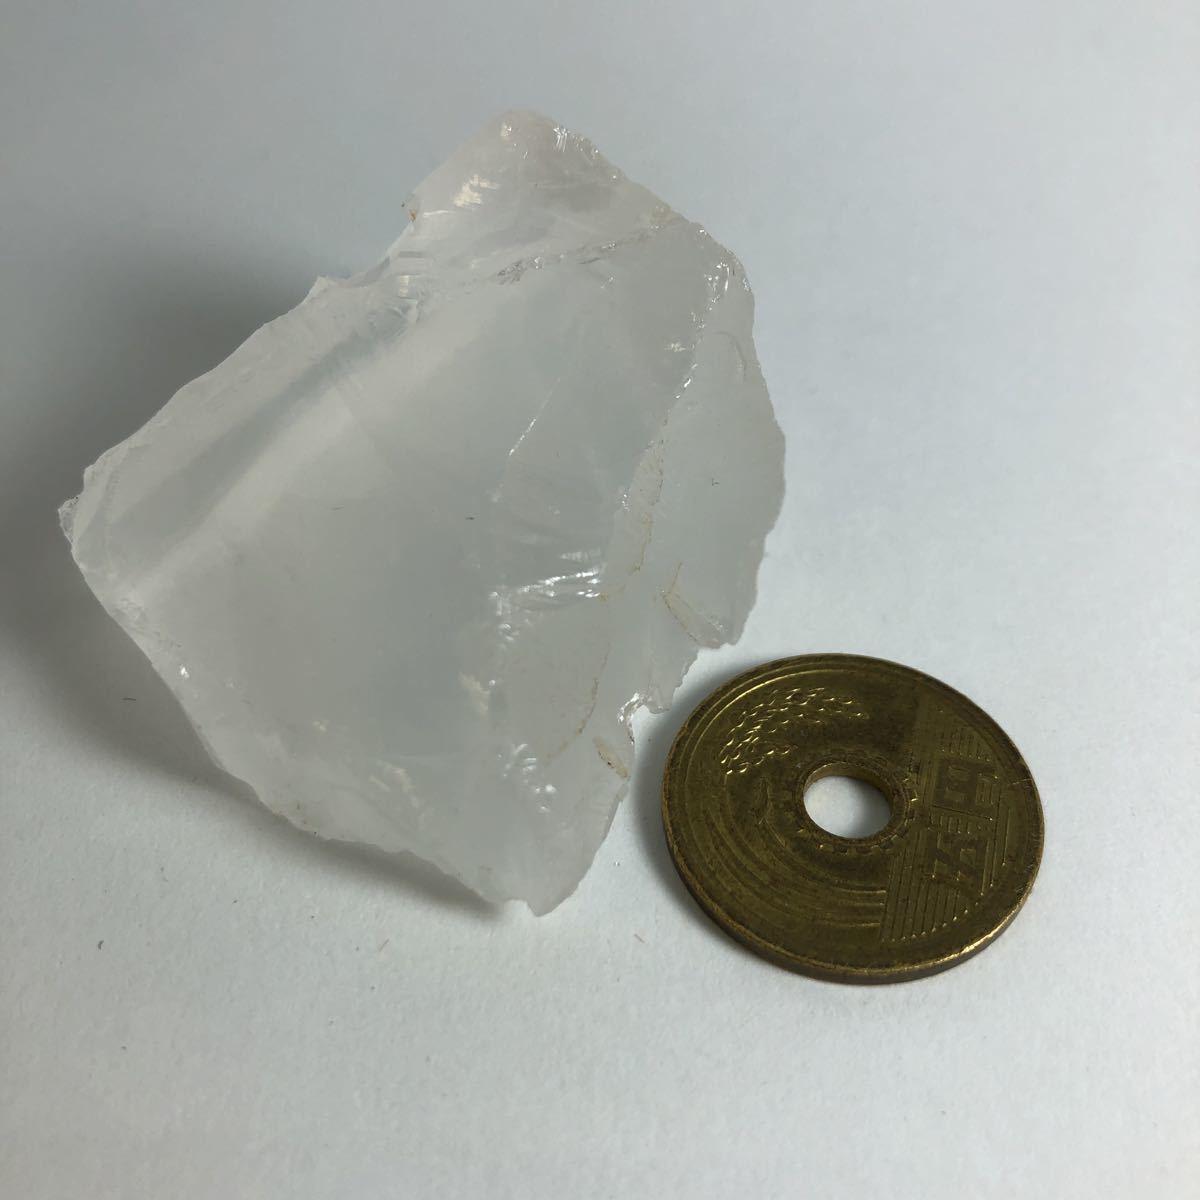 NO:4761 メタモルフォーシス 水晶 ミルキークォーツ ジラソルクォーツ ミルキー ジラソル クォーツ 天然石 原石 パワーストーン 鉱物_画像10